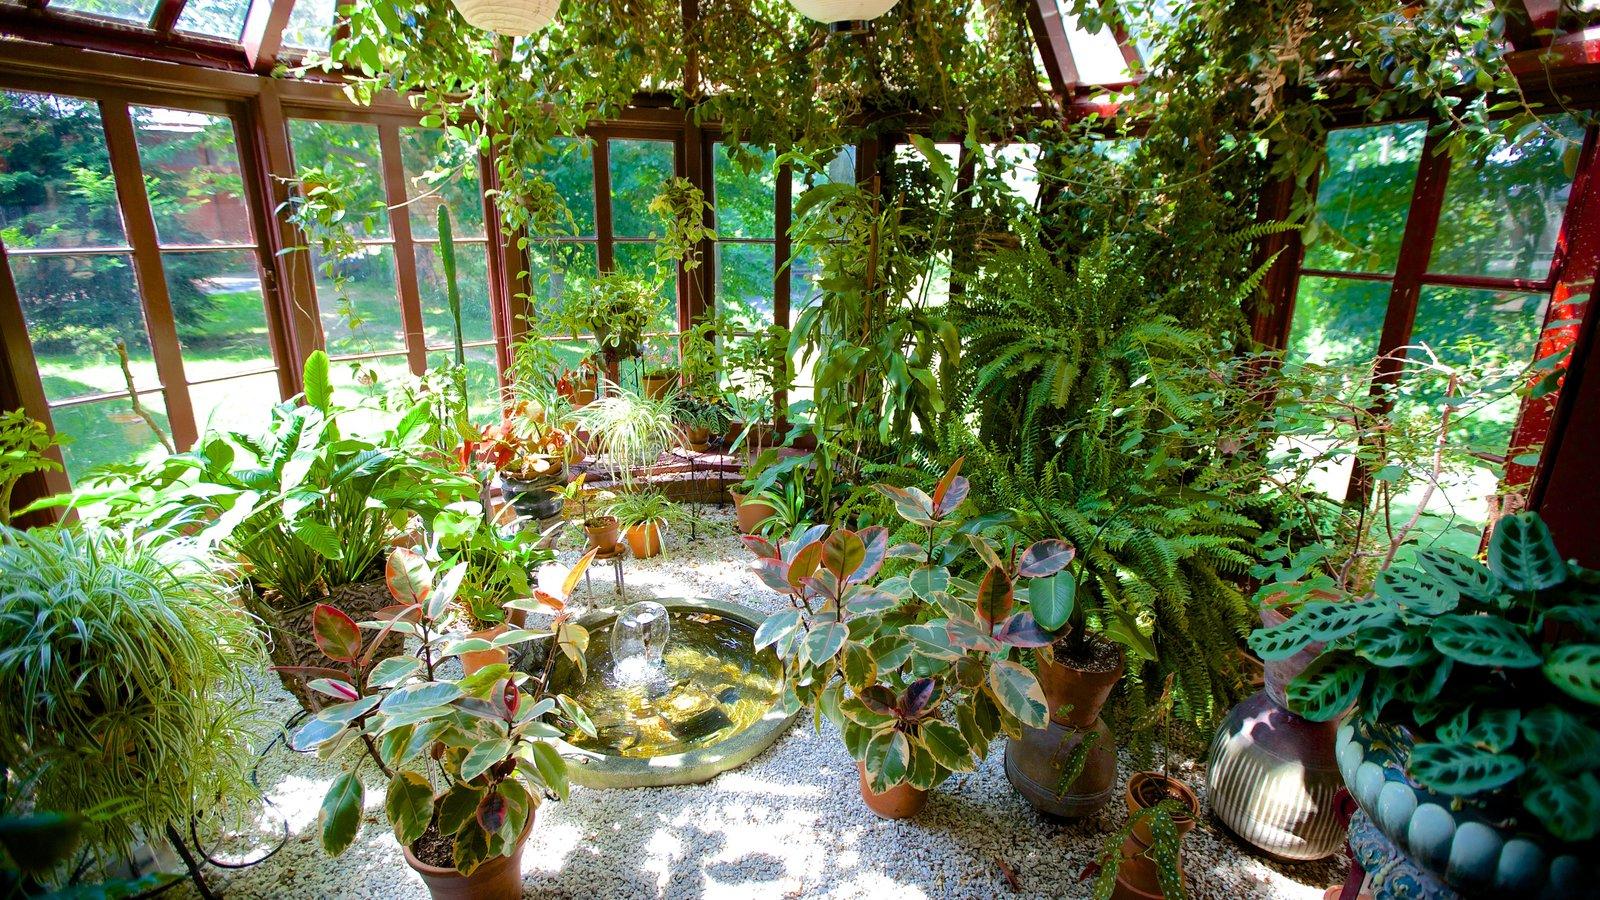 Mark Twain House que incluye flores, un jardín y vistas interiores